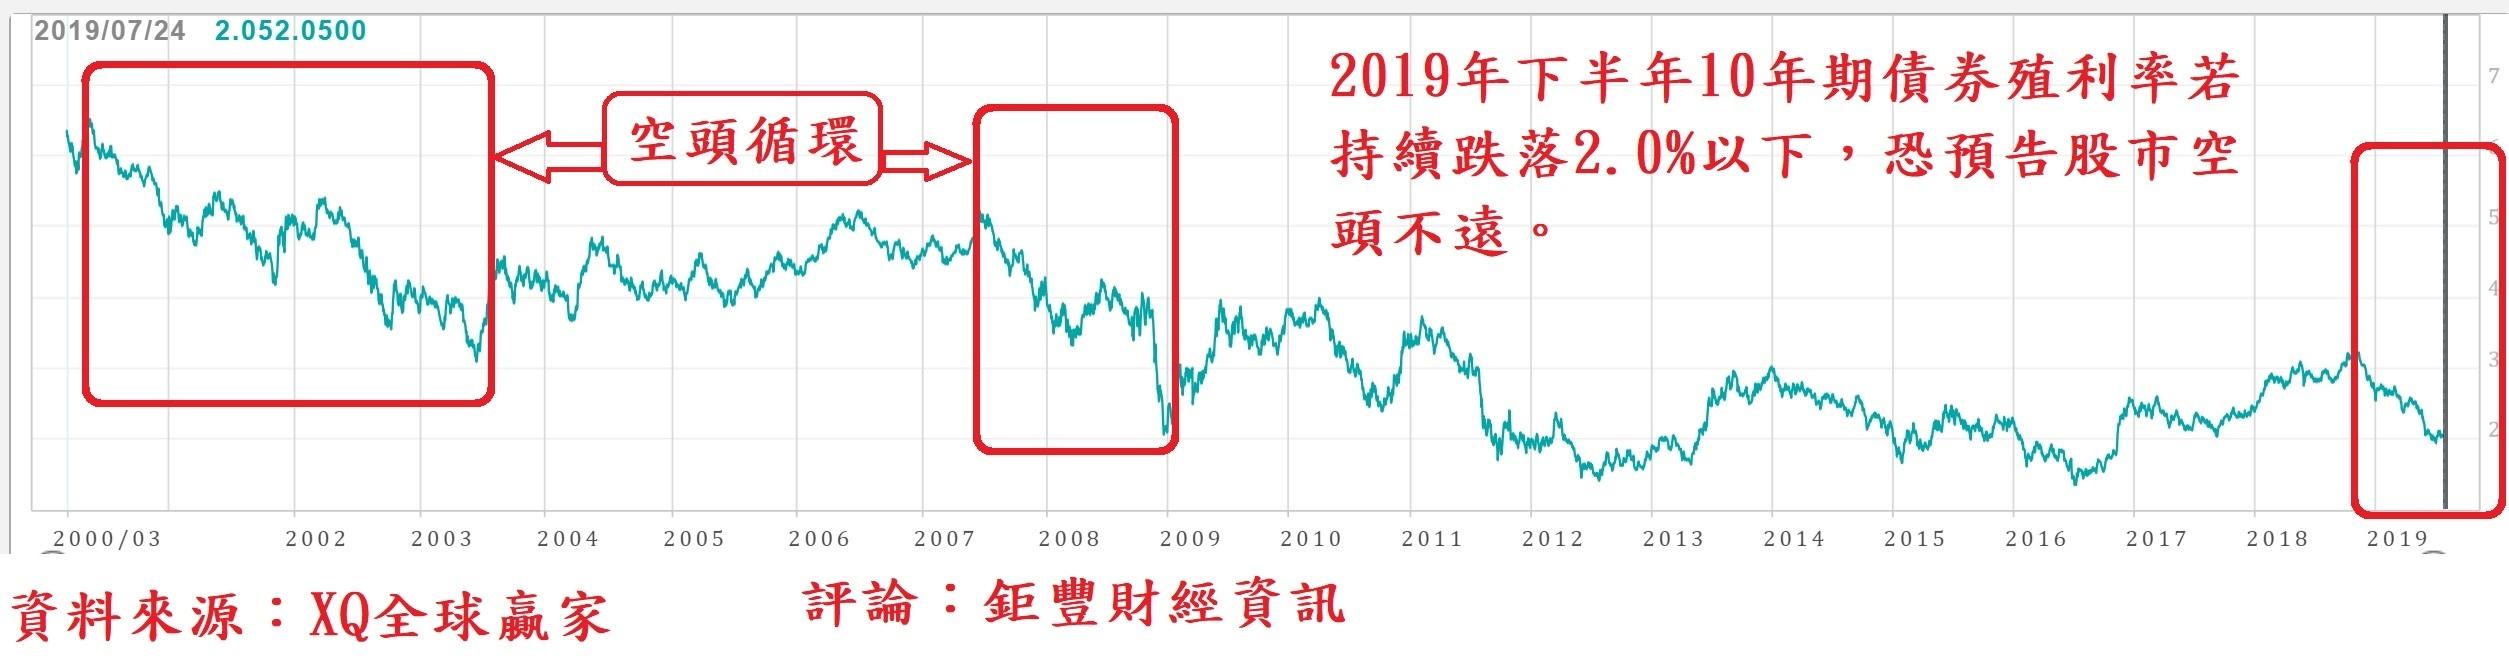 美股10年期債券殖利率走勢圖